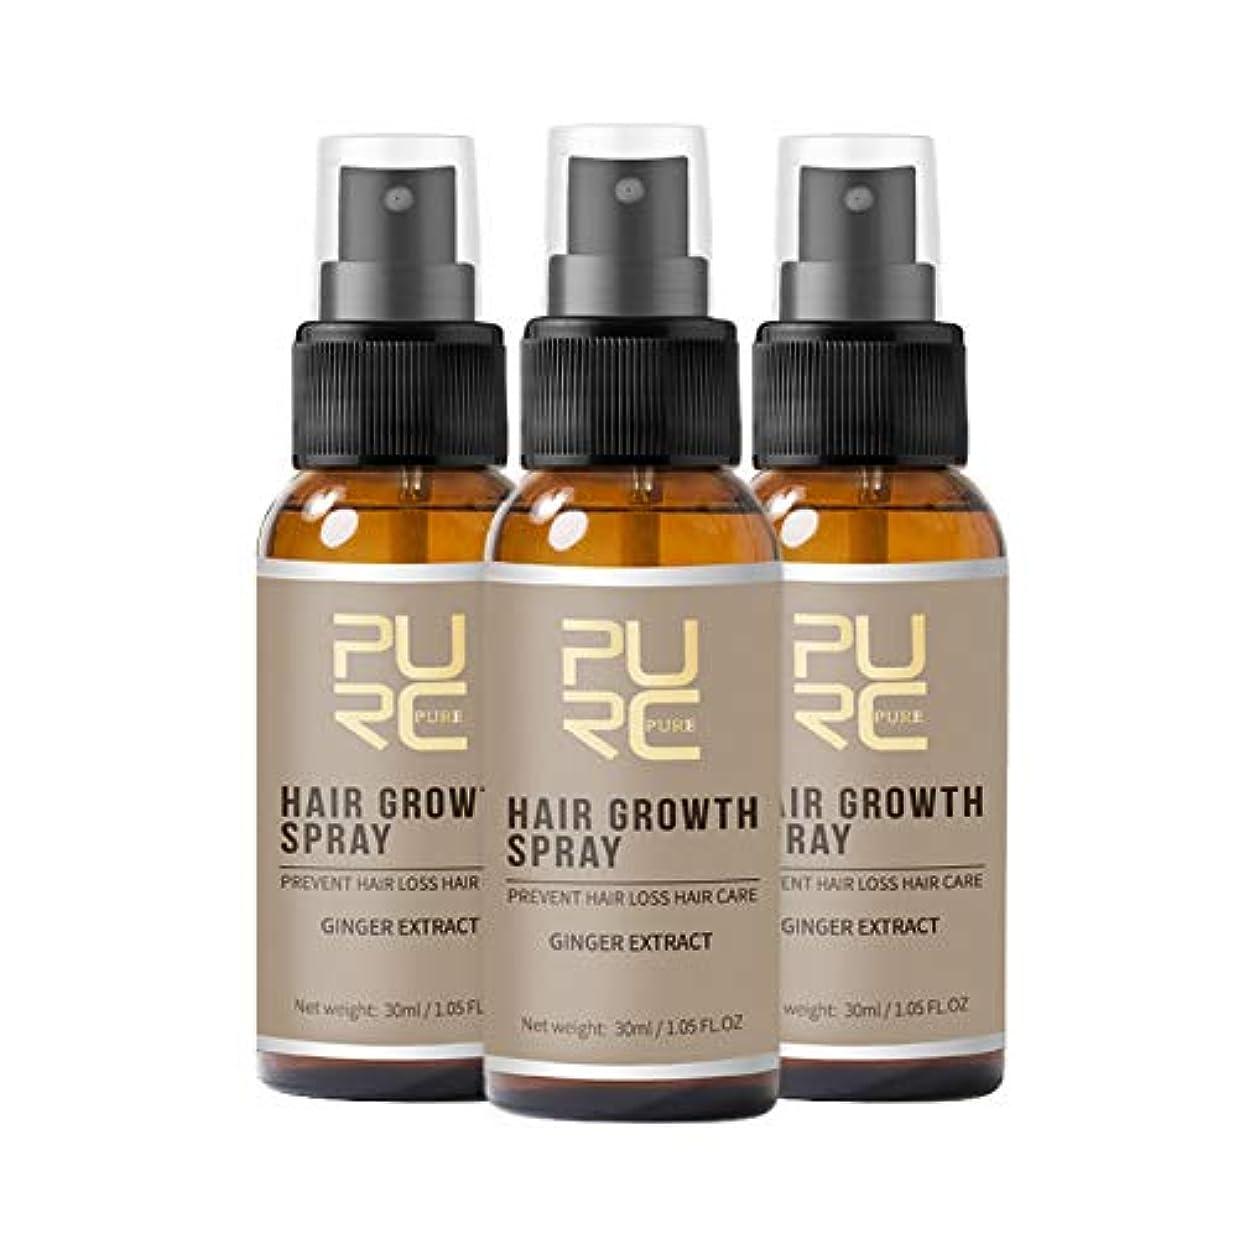 ホールドオール悪夢六月Purc 30mlの毛の成長のスプレーの自然なショウガの本質のスプレーの有効なエキスの反毛損失は根の毛の心配の処置を養います Purc 30 ml Hair Growth Spray Natural Ginger Essence...